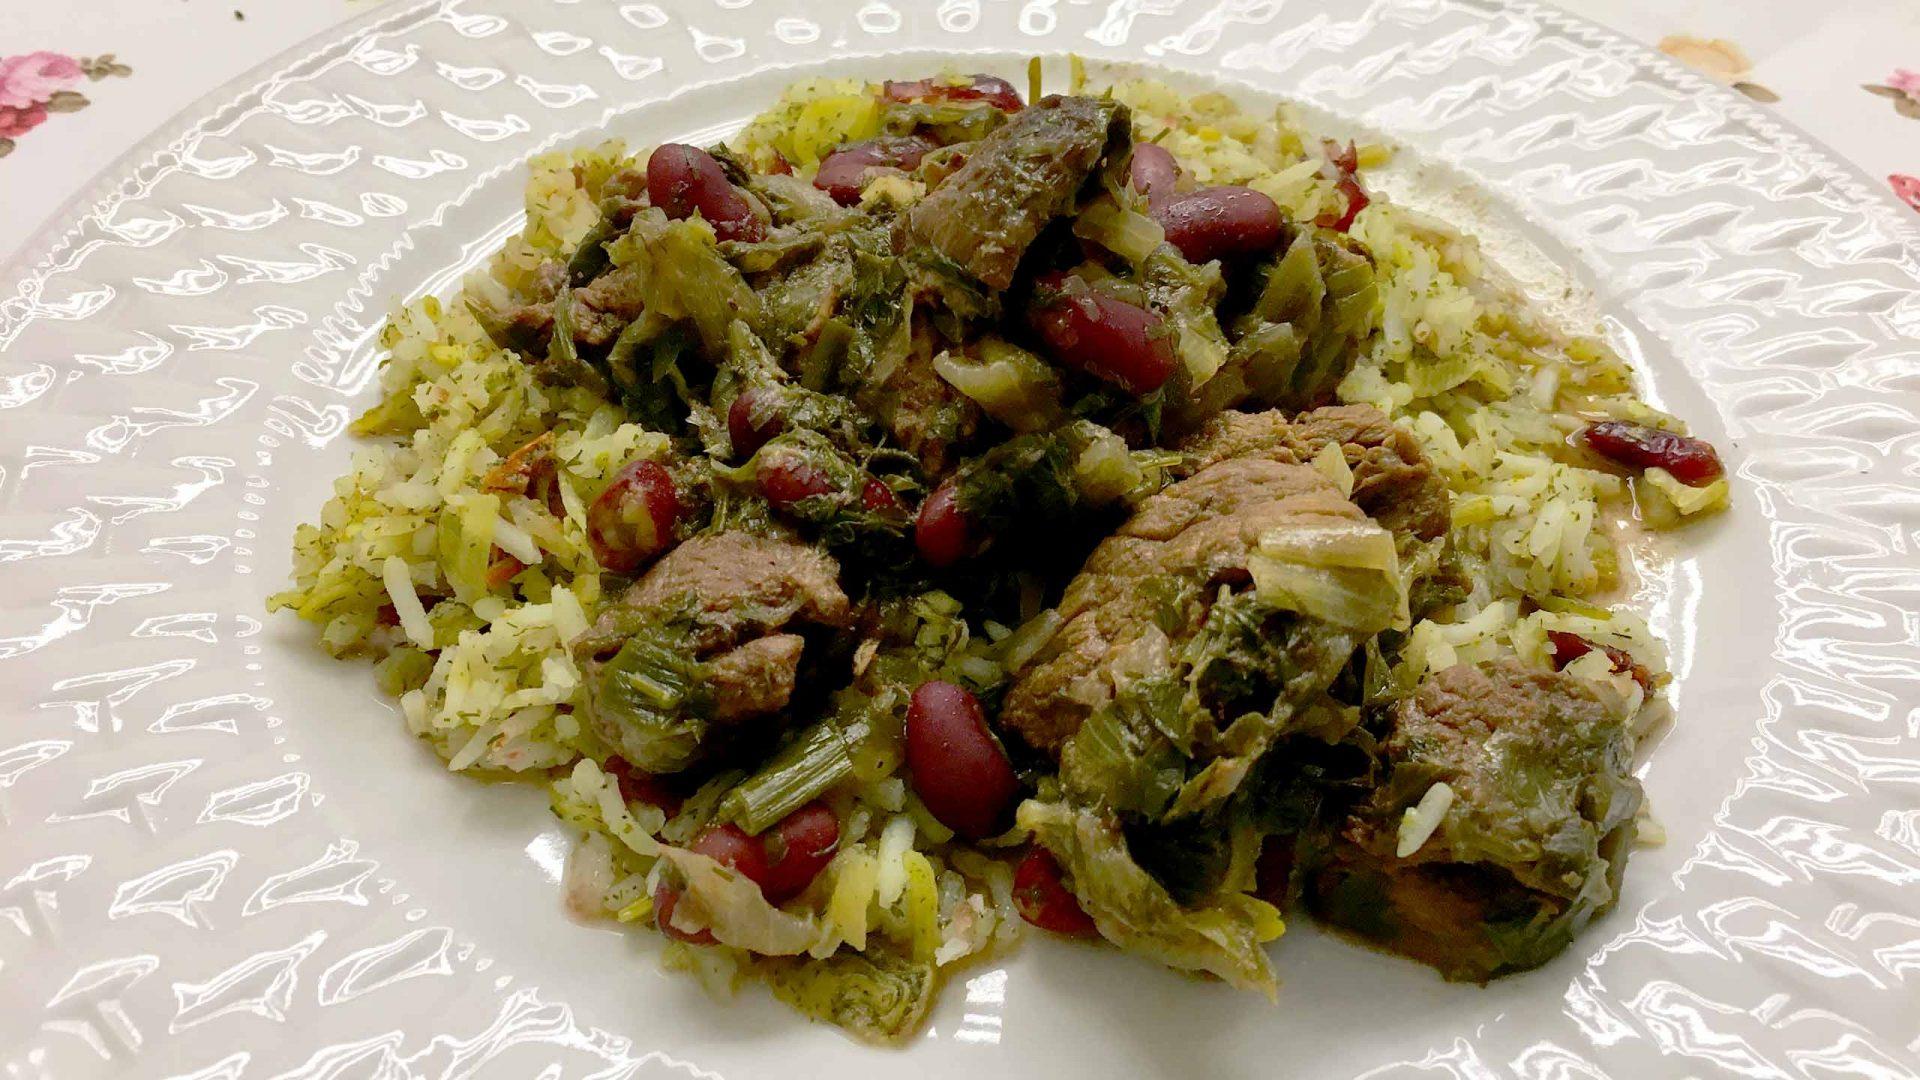 ארוחה פרסית – חיכינו לה הרבה זמן